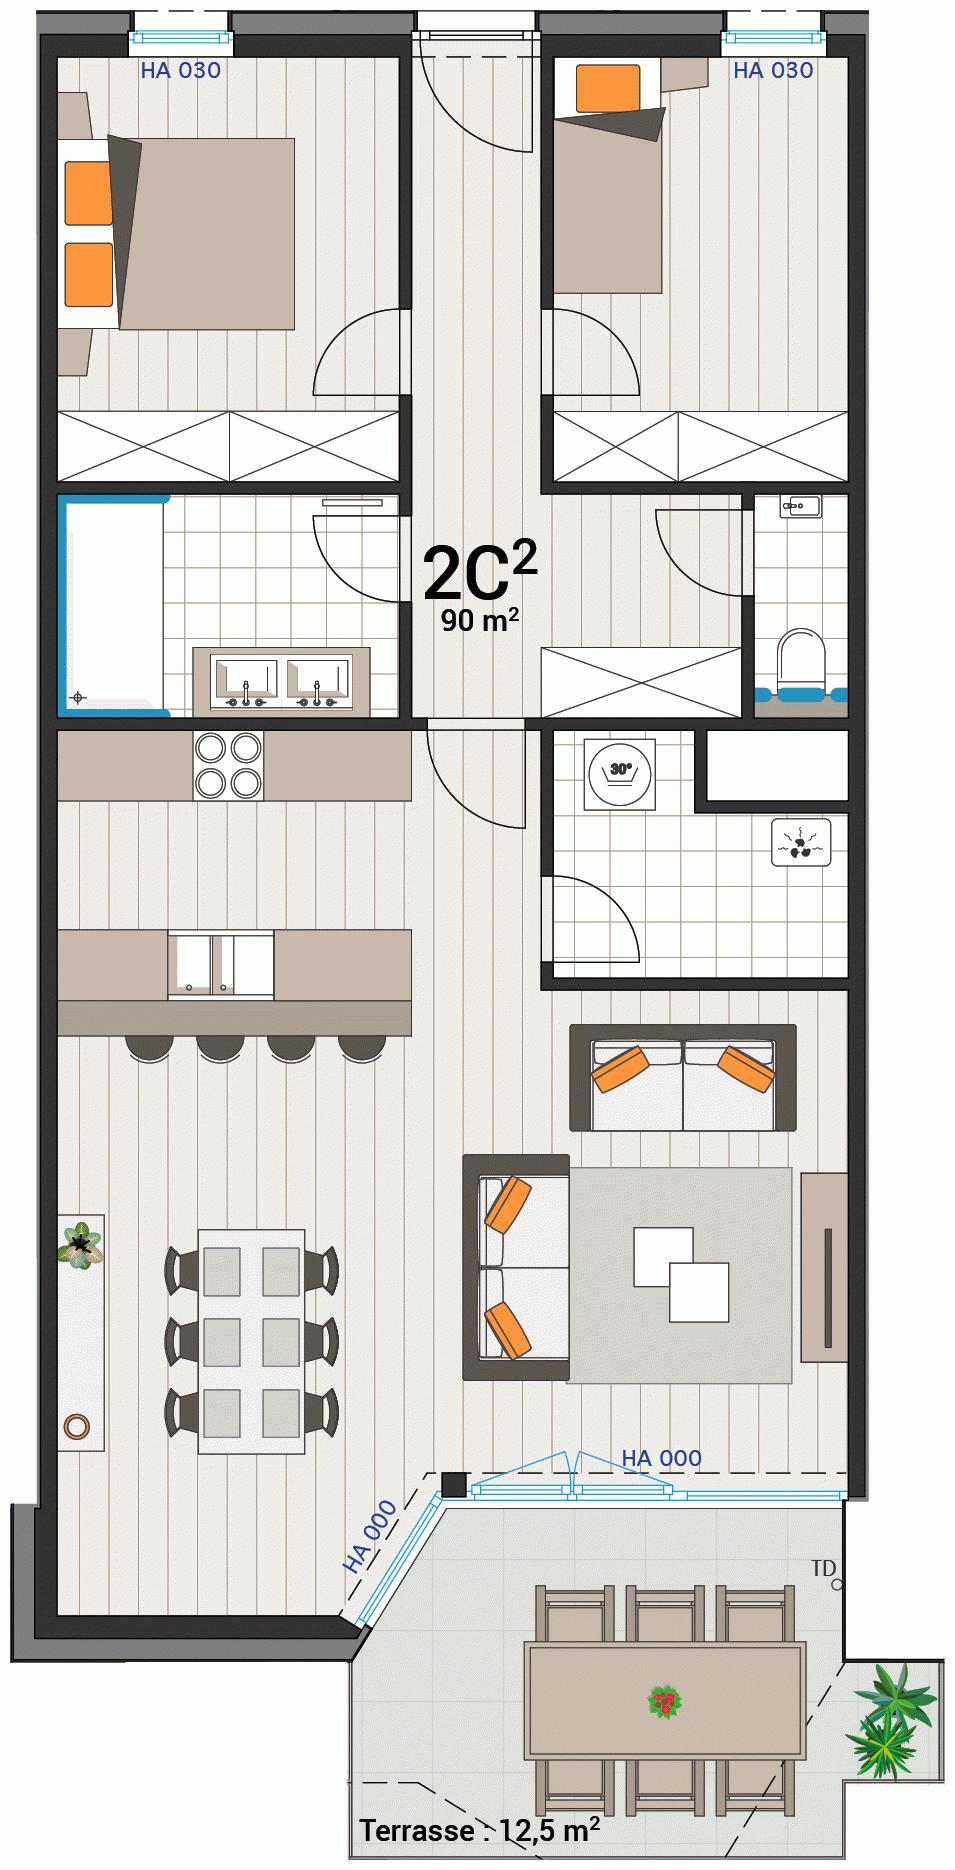 Wohnung 2C